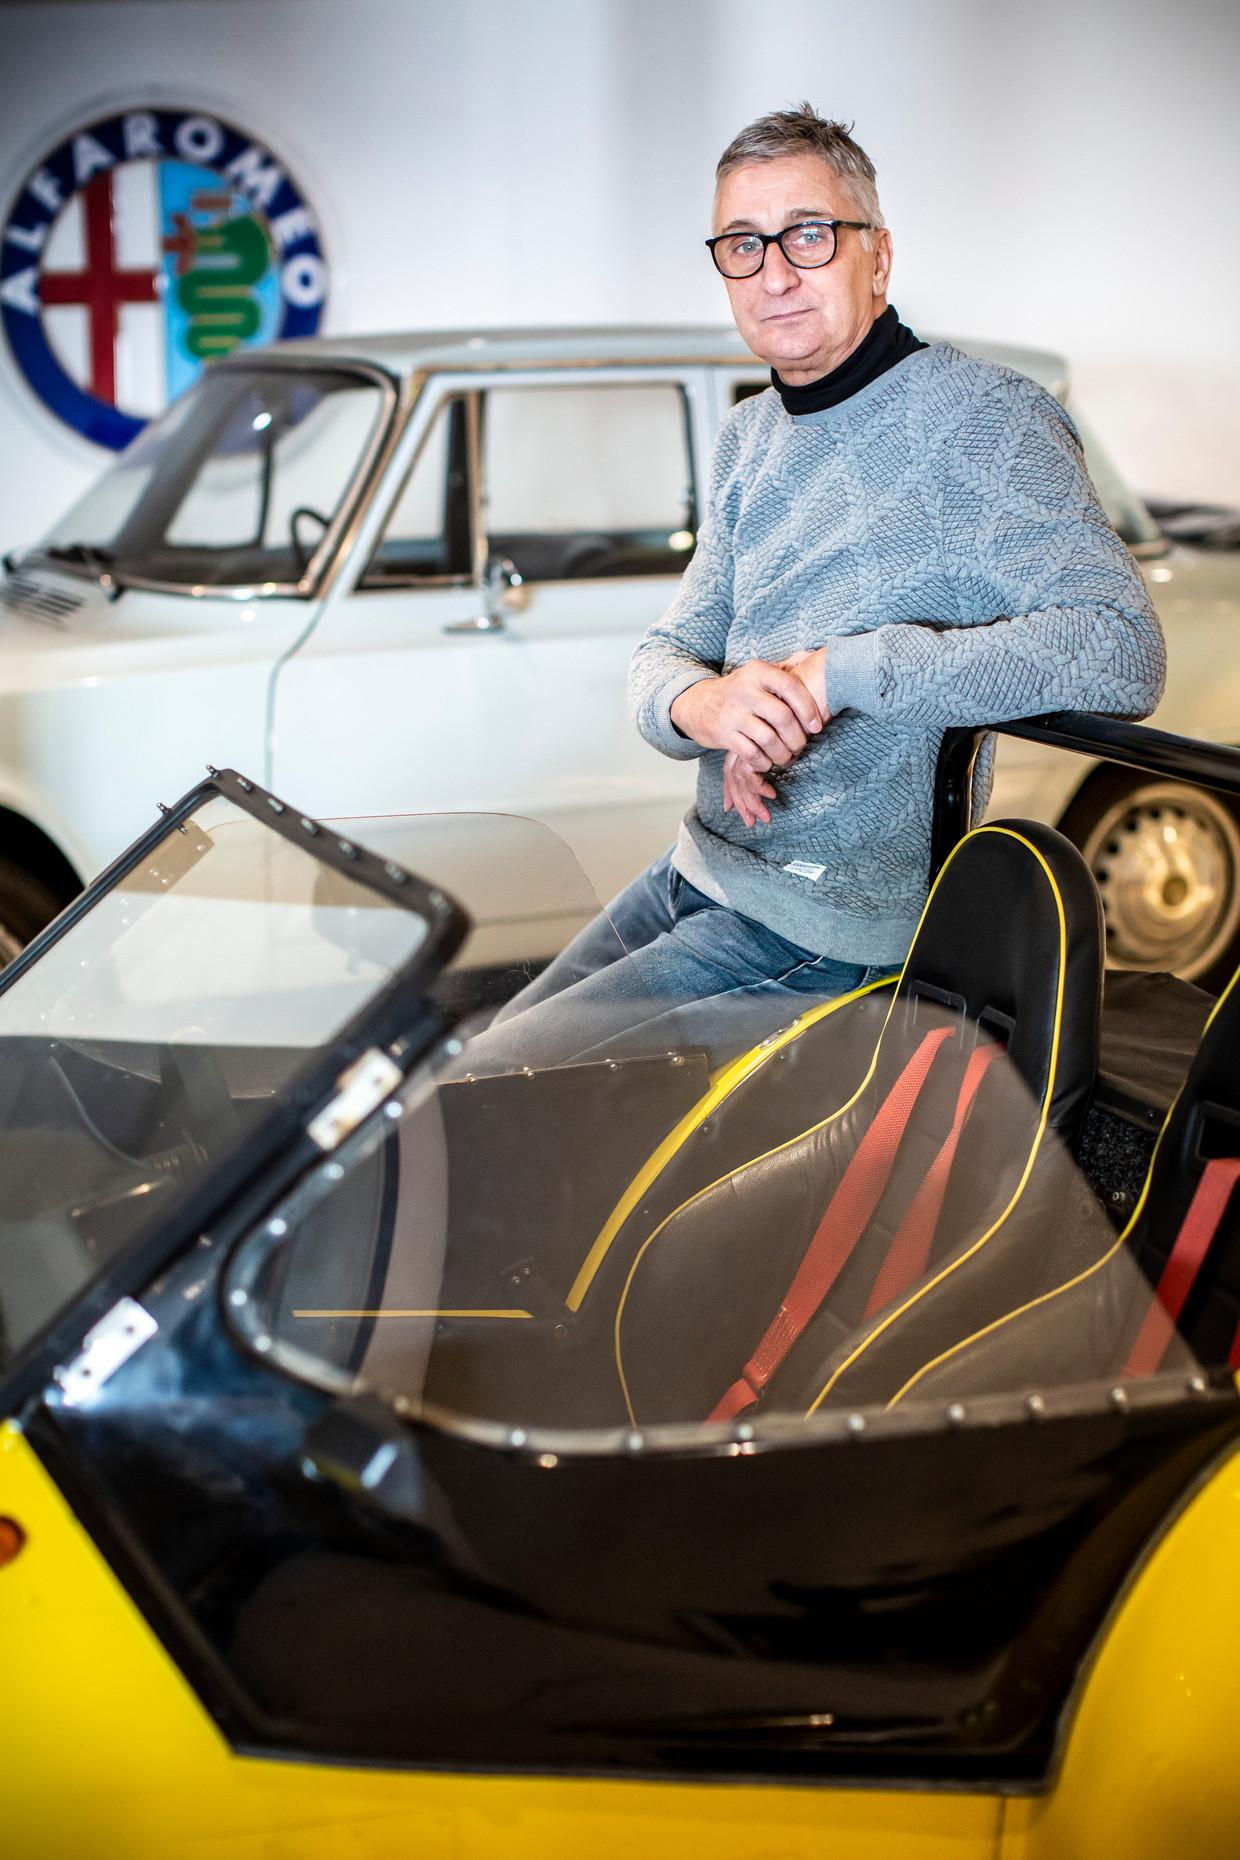 George Houthuyzen, coureur in toerwagens tussen 1975 en 1985, is nu eigenaar van een garage in Gorinchem. Hij volgde in 1985 de laatste Grand Prix in Zandvoort vanuit de wedstrijdtoren.